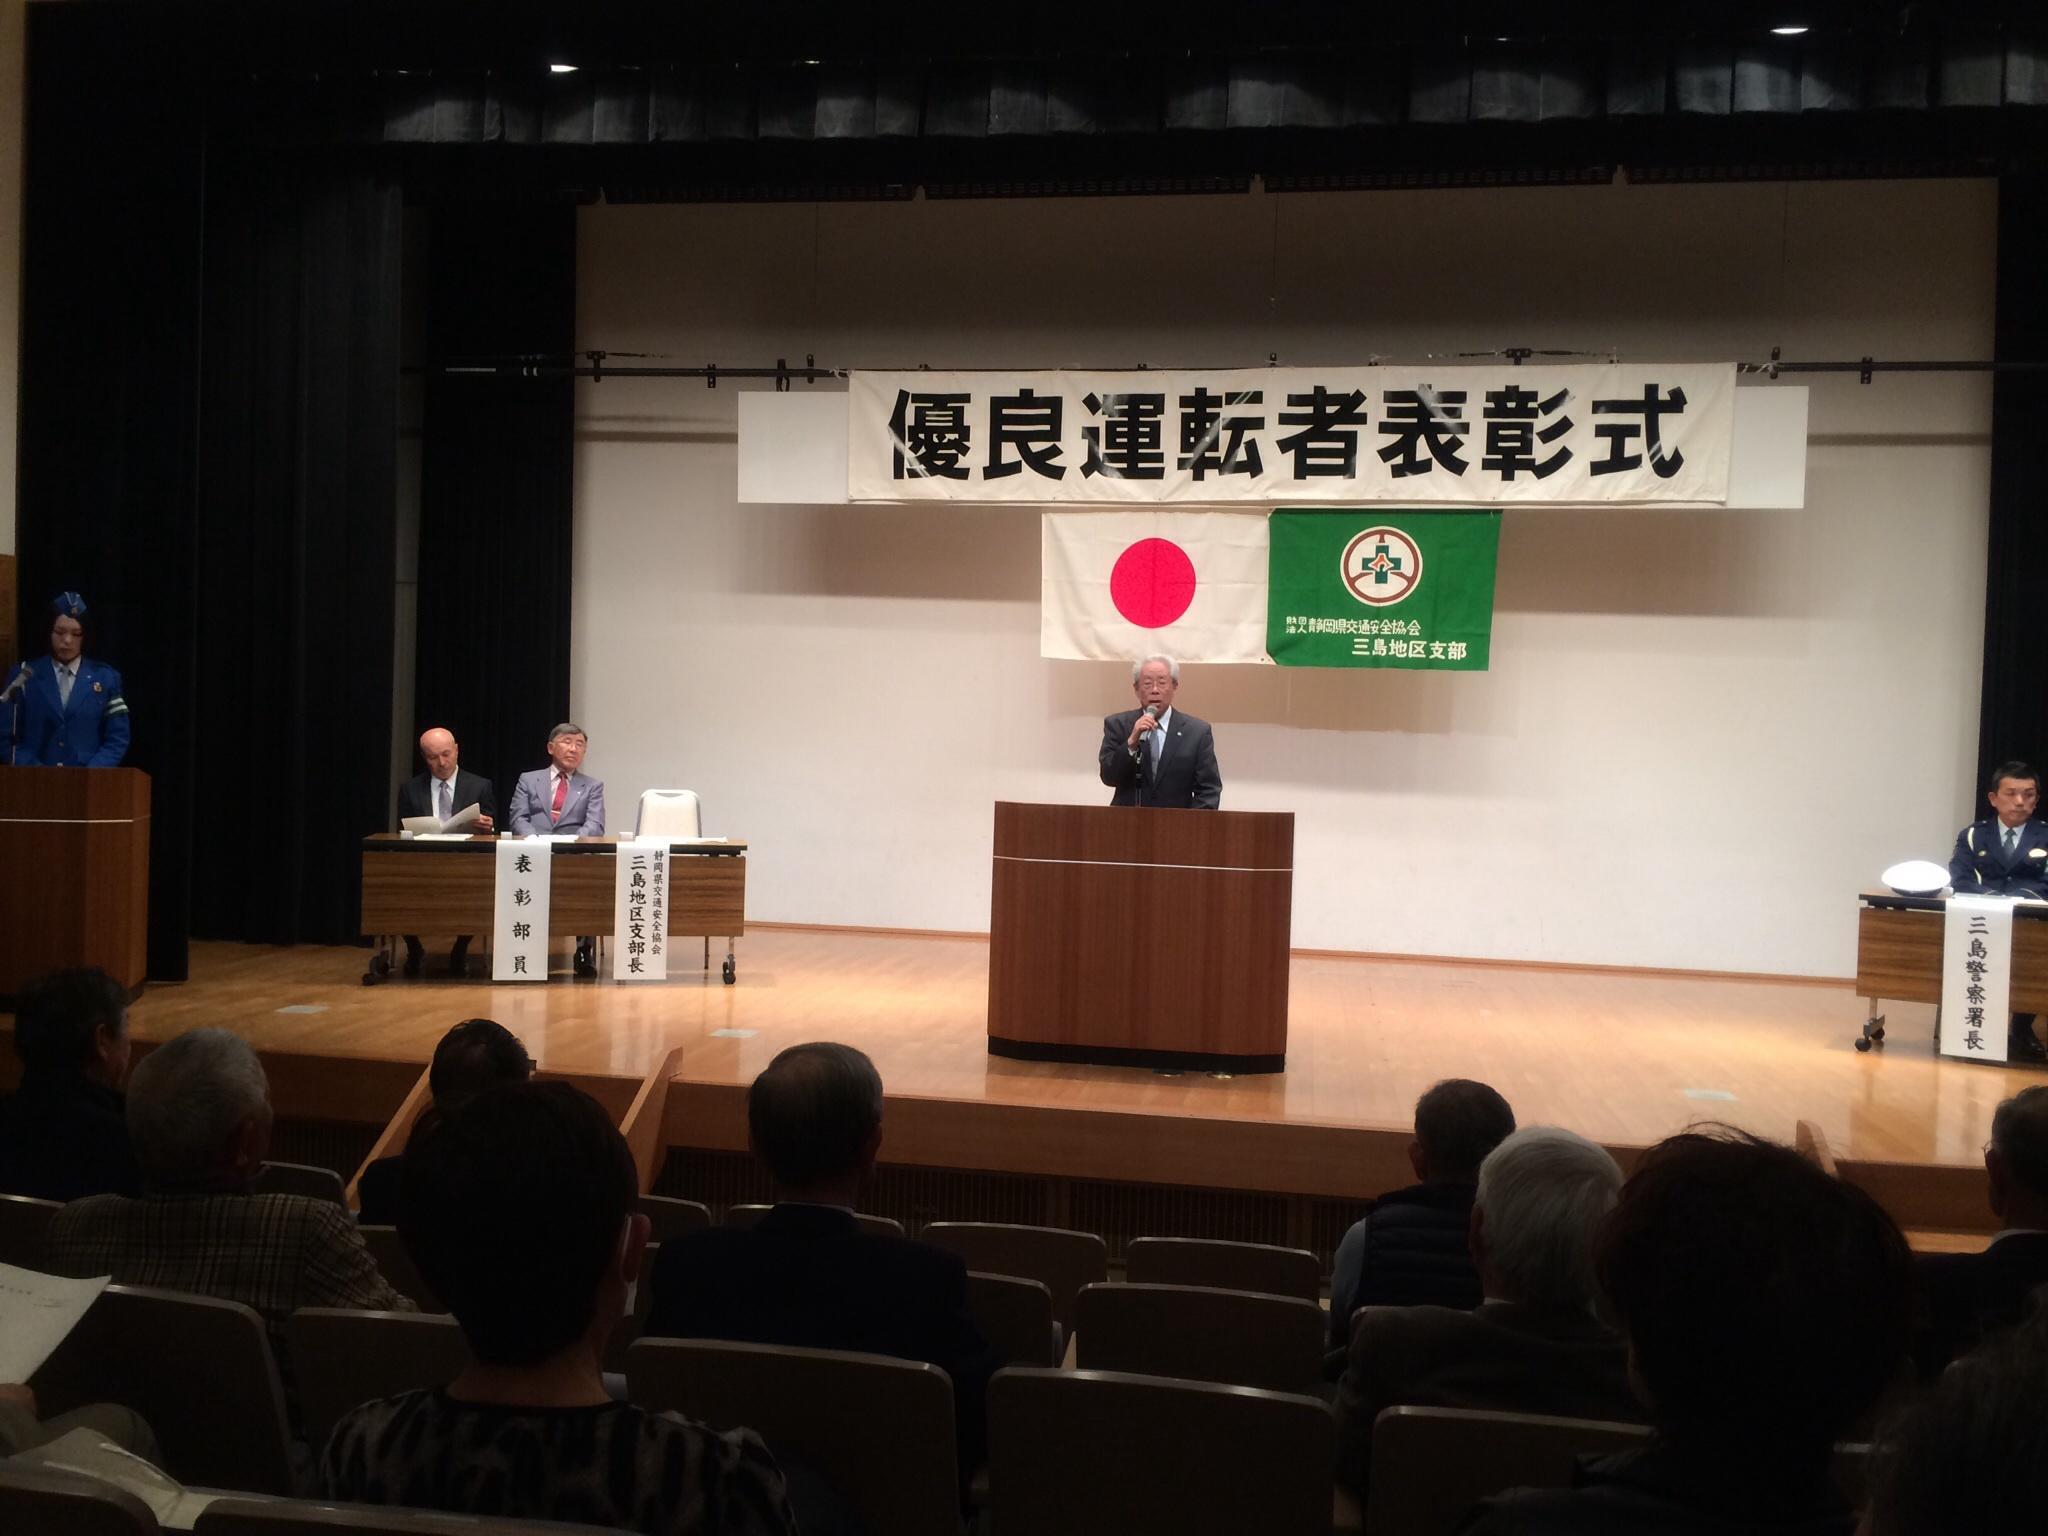 静岡県交通安全協会三島地区支部の春の優良運転者表彰式が開催されました。... 岡田みきこ:あなた